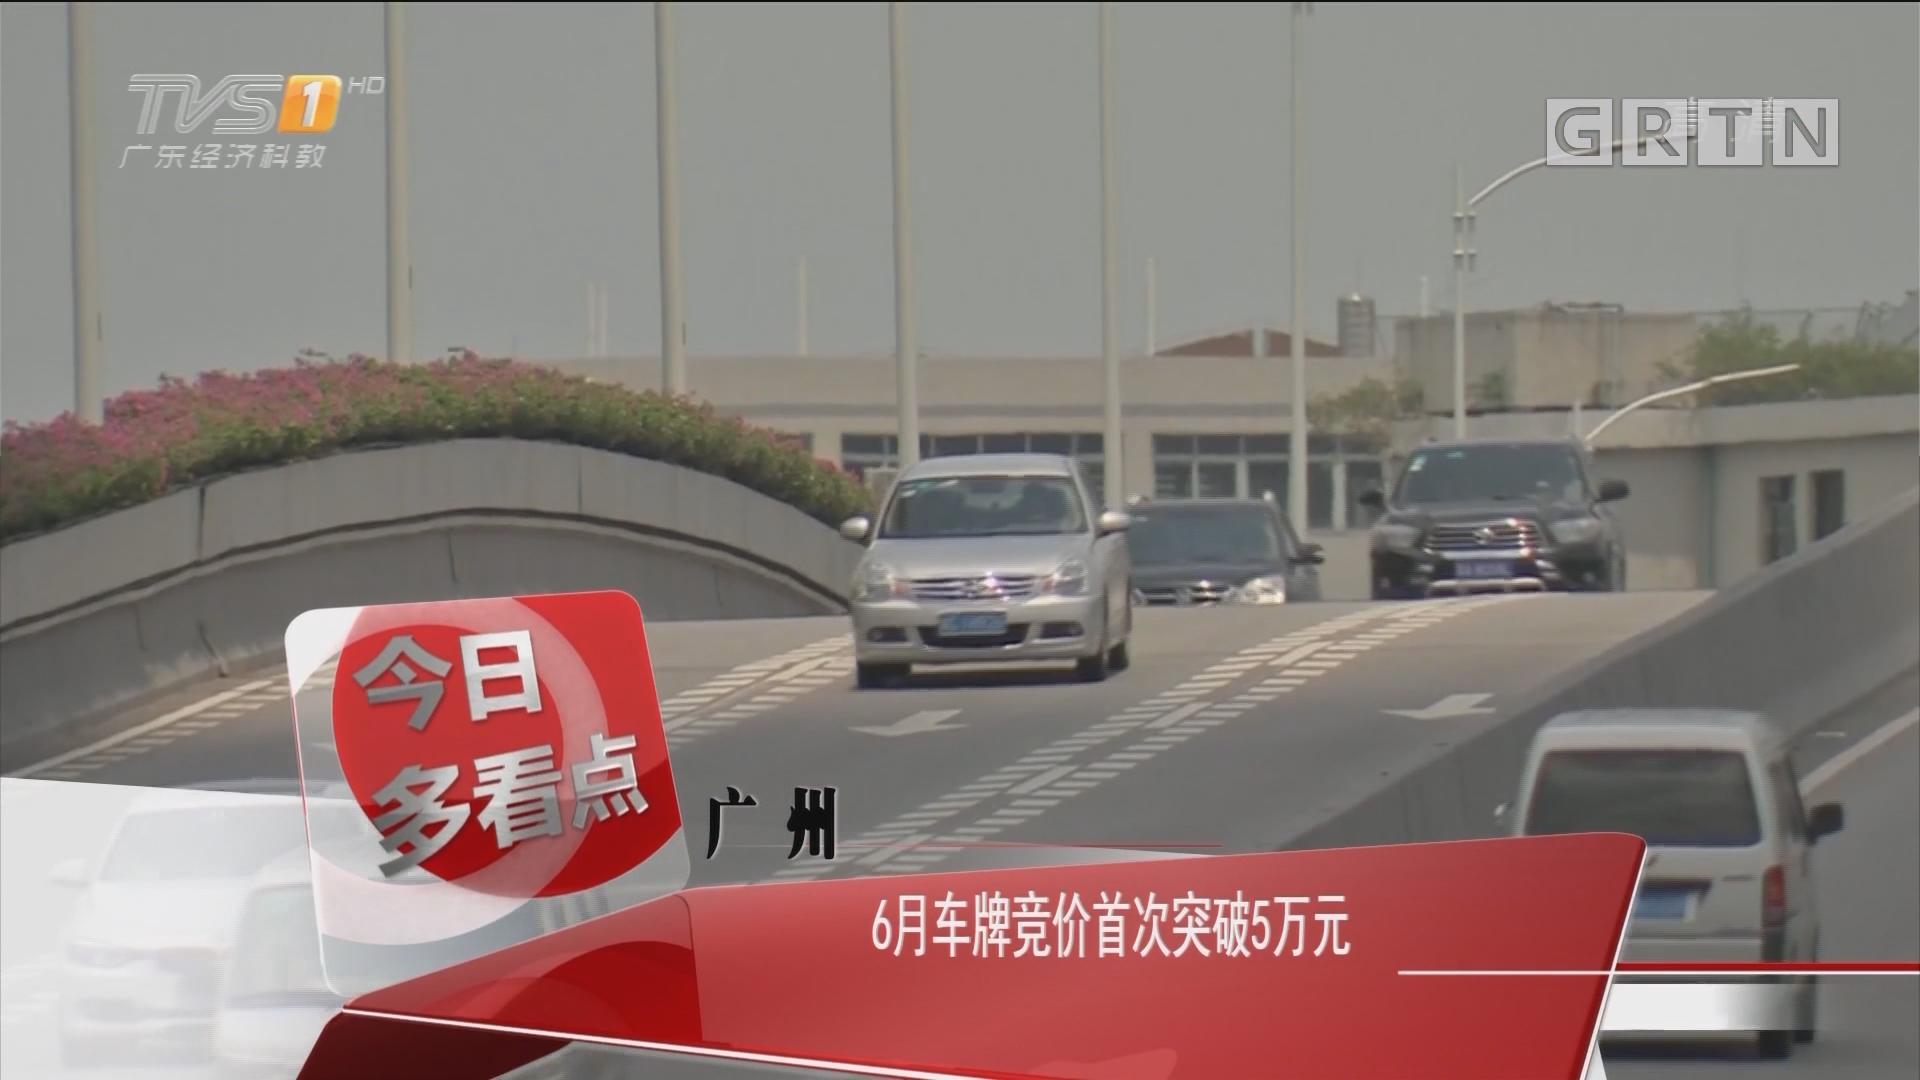 广州:6月车牌竞价首次突破5万元